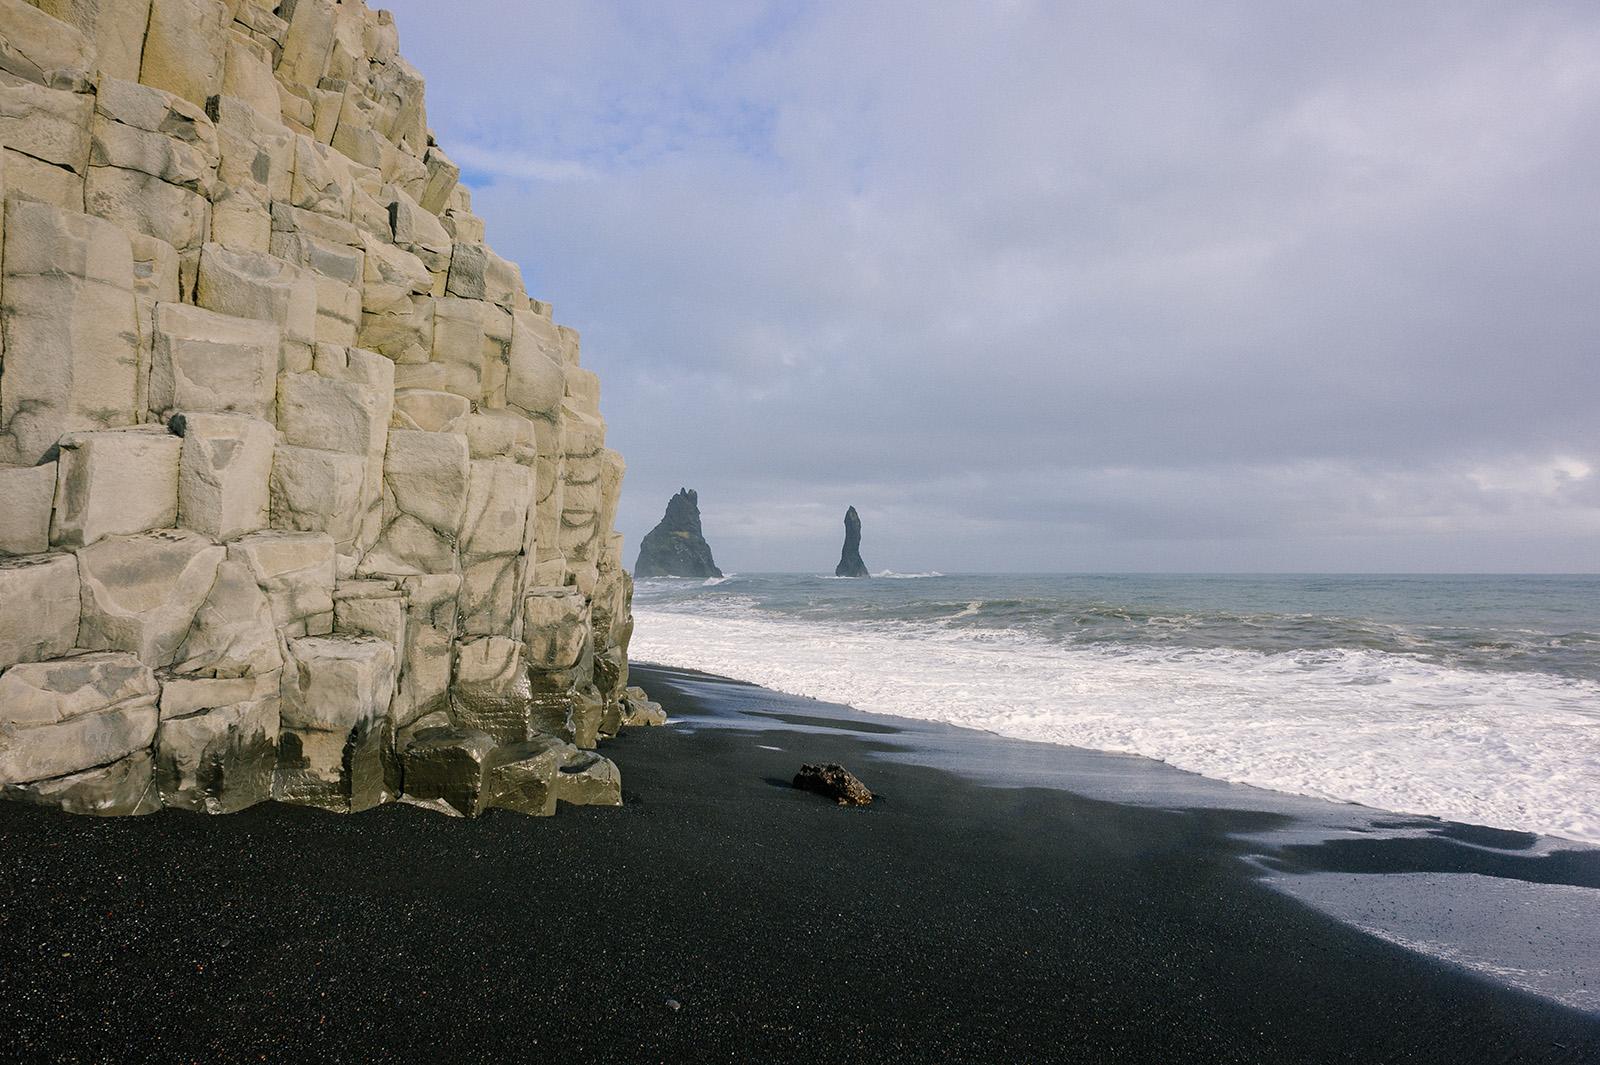 гора Reynisfjall и базальтовые скалы Reynisdrangar.